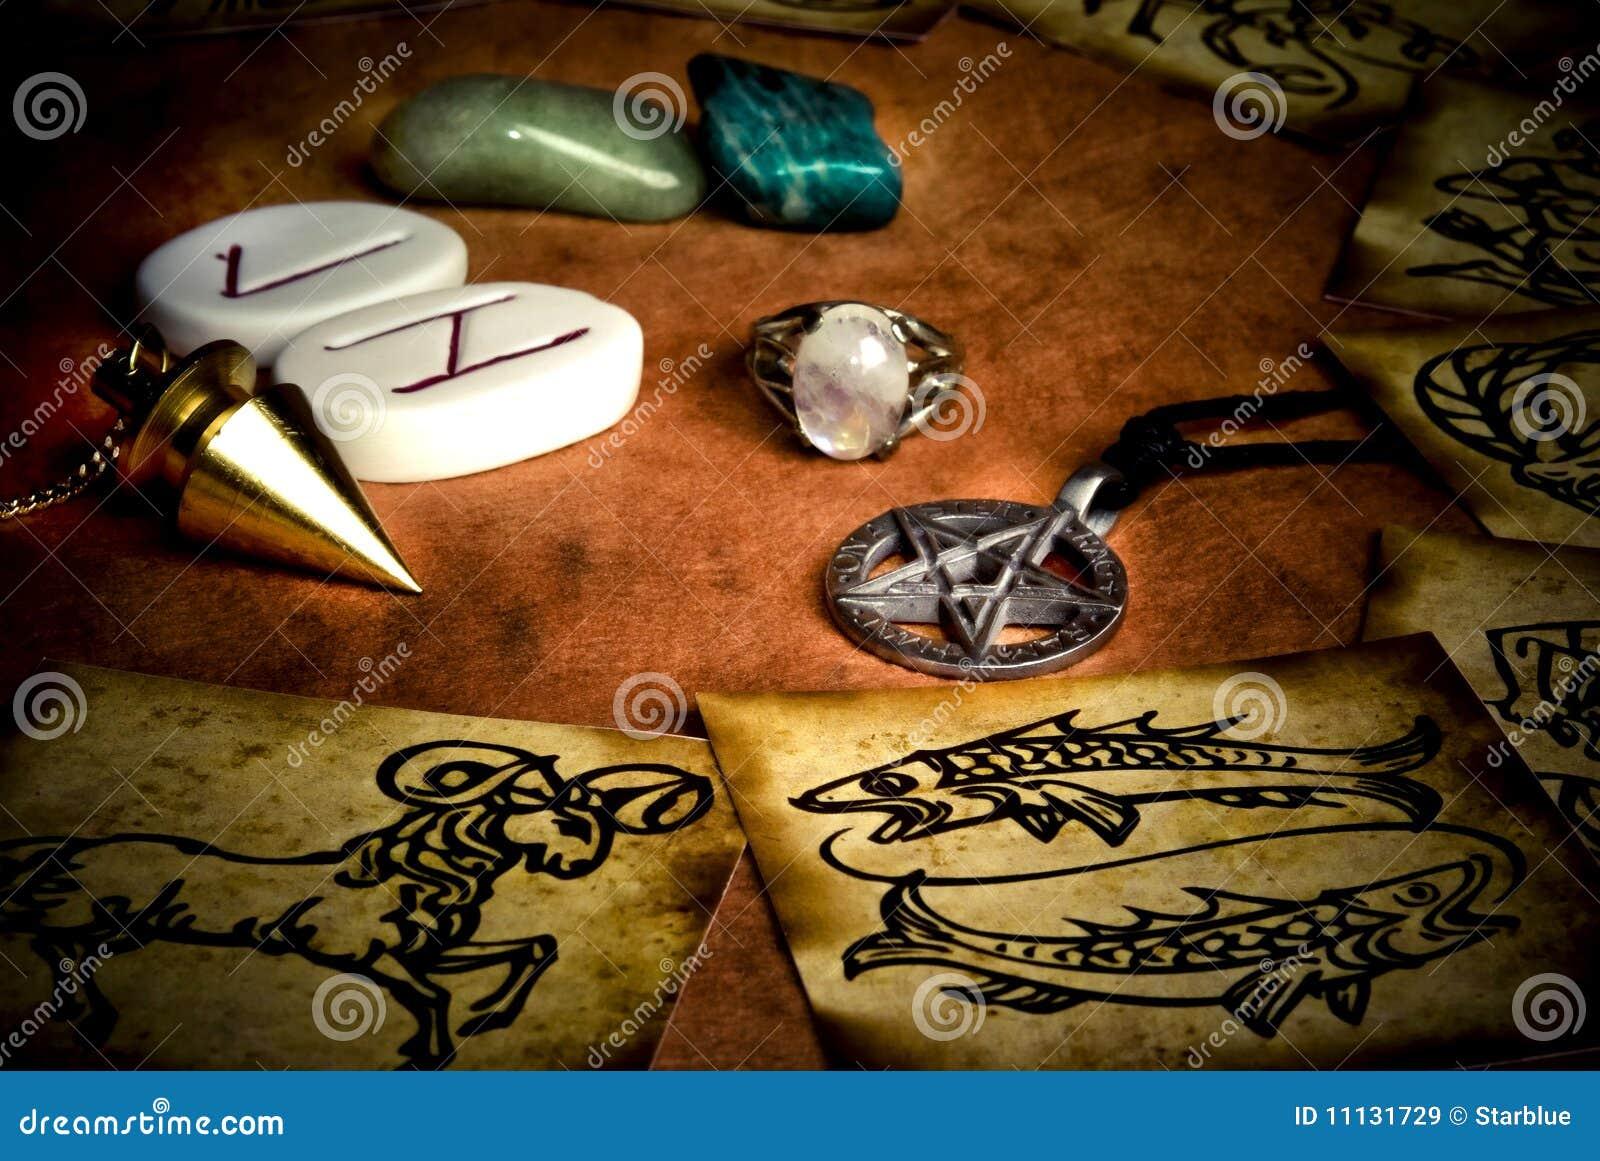 Esoteric tools